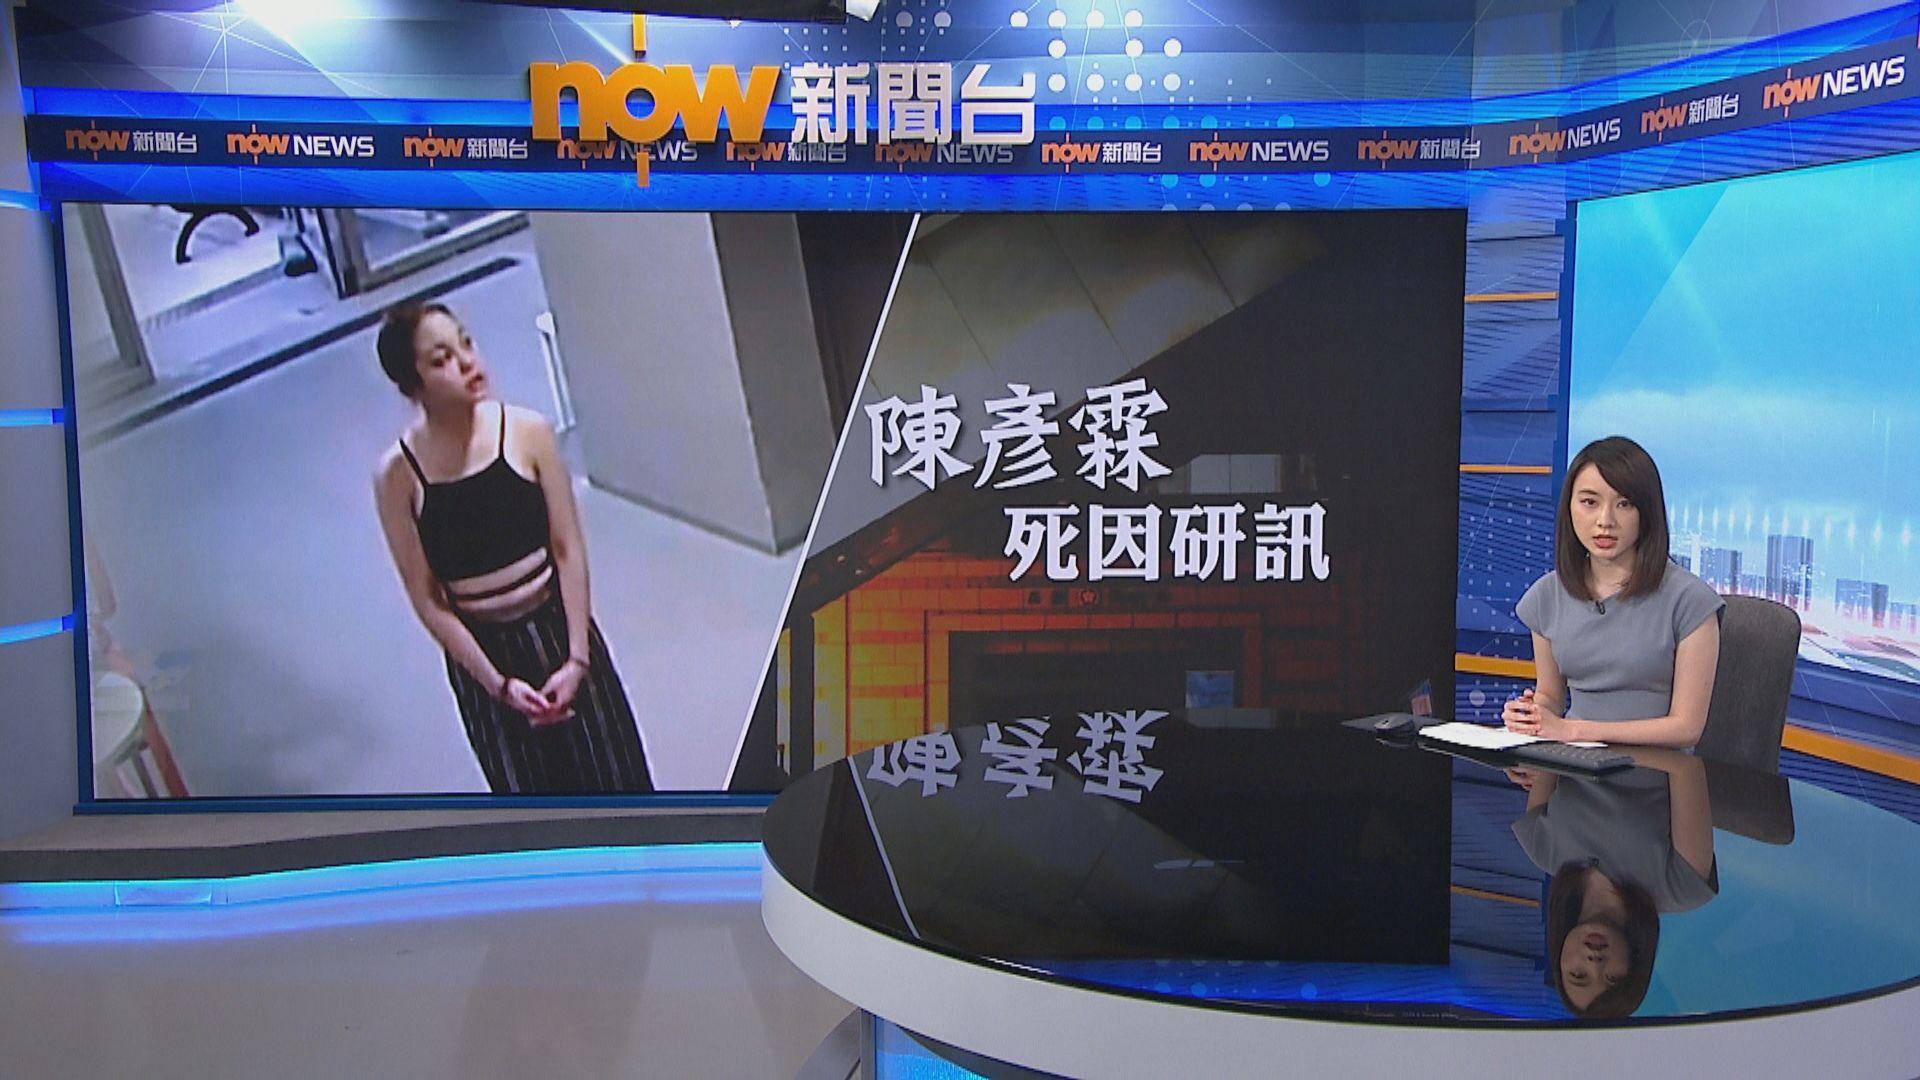 陳彥霖筆友父親指去年八月和她會面時發現她行為異常